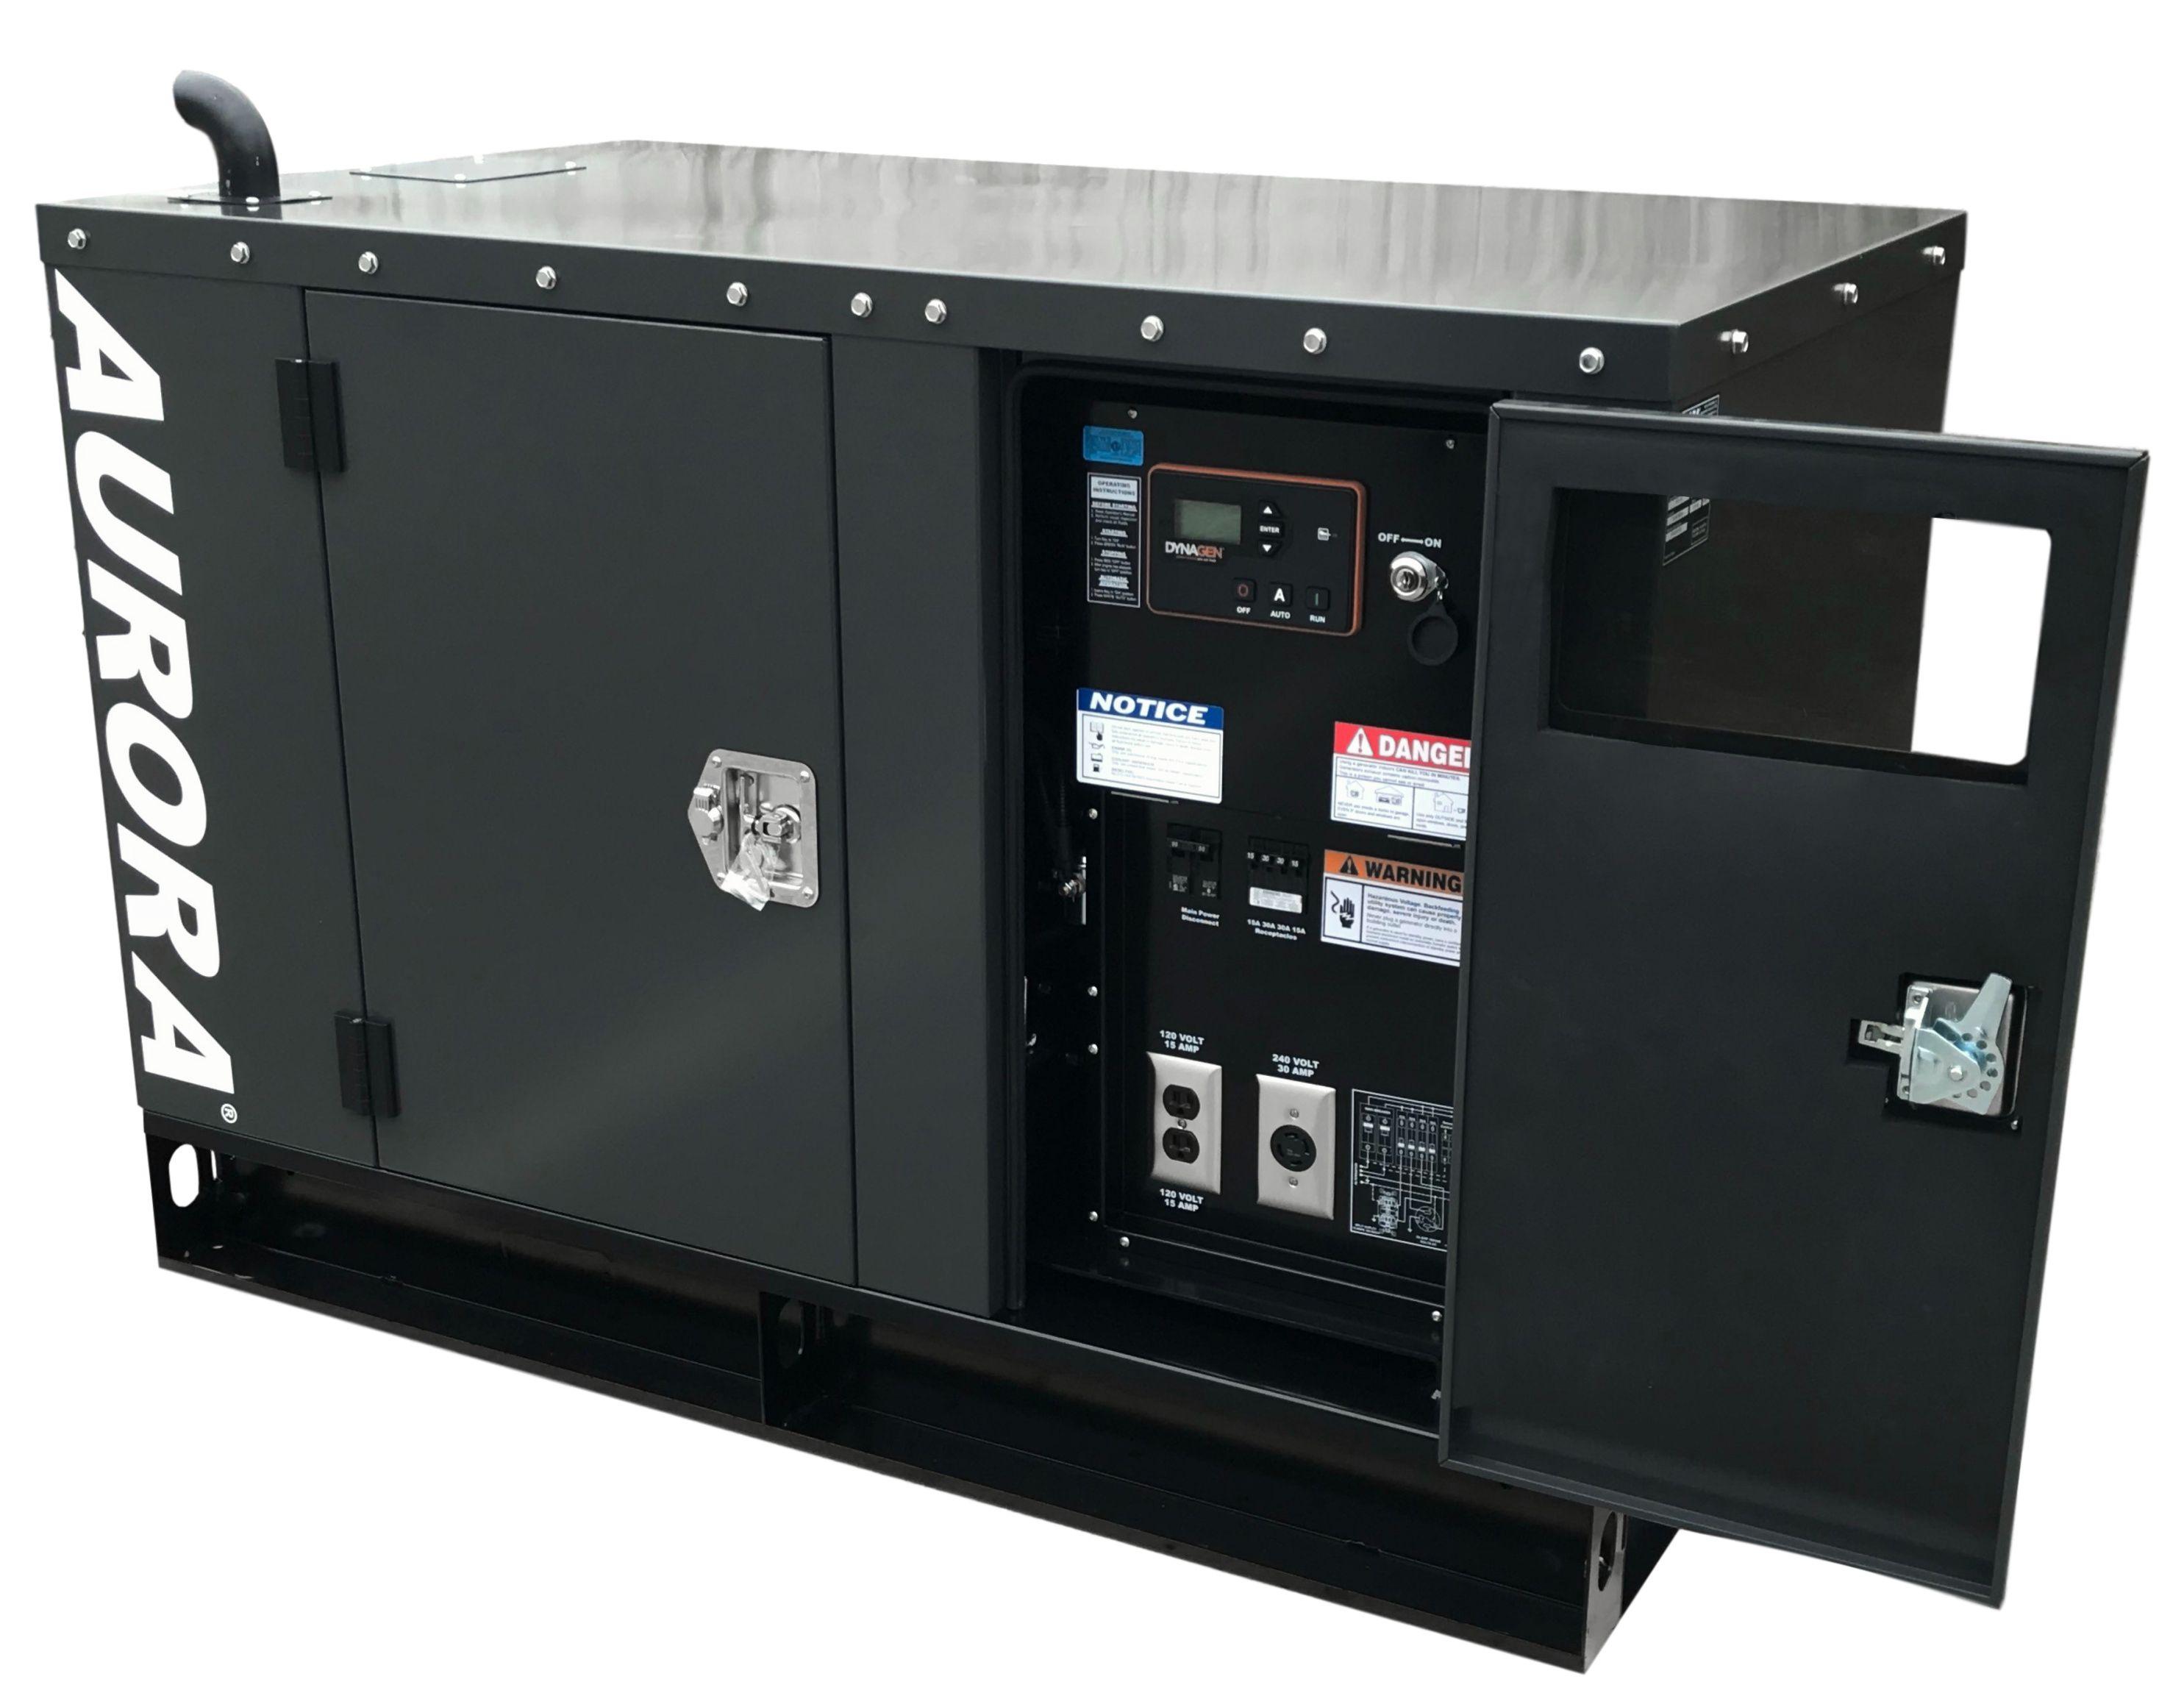 Diesel Generator Perkins In 2020 Diesel Generators Generator House Small Diesel Generator